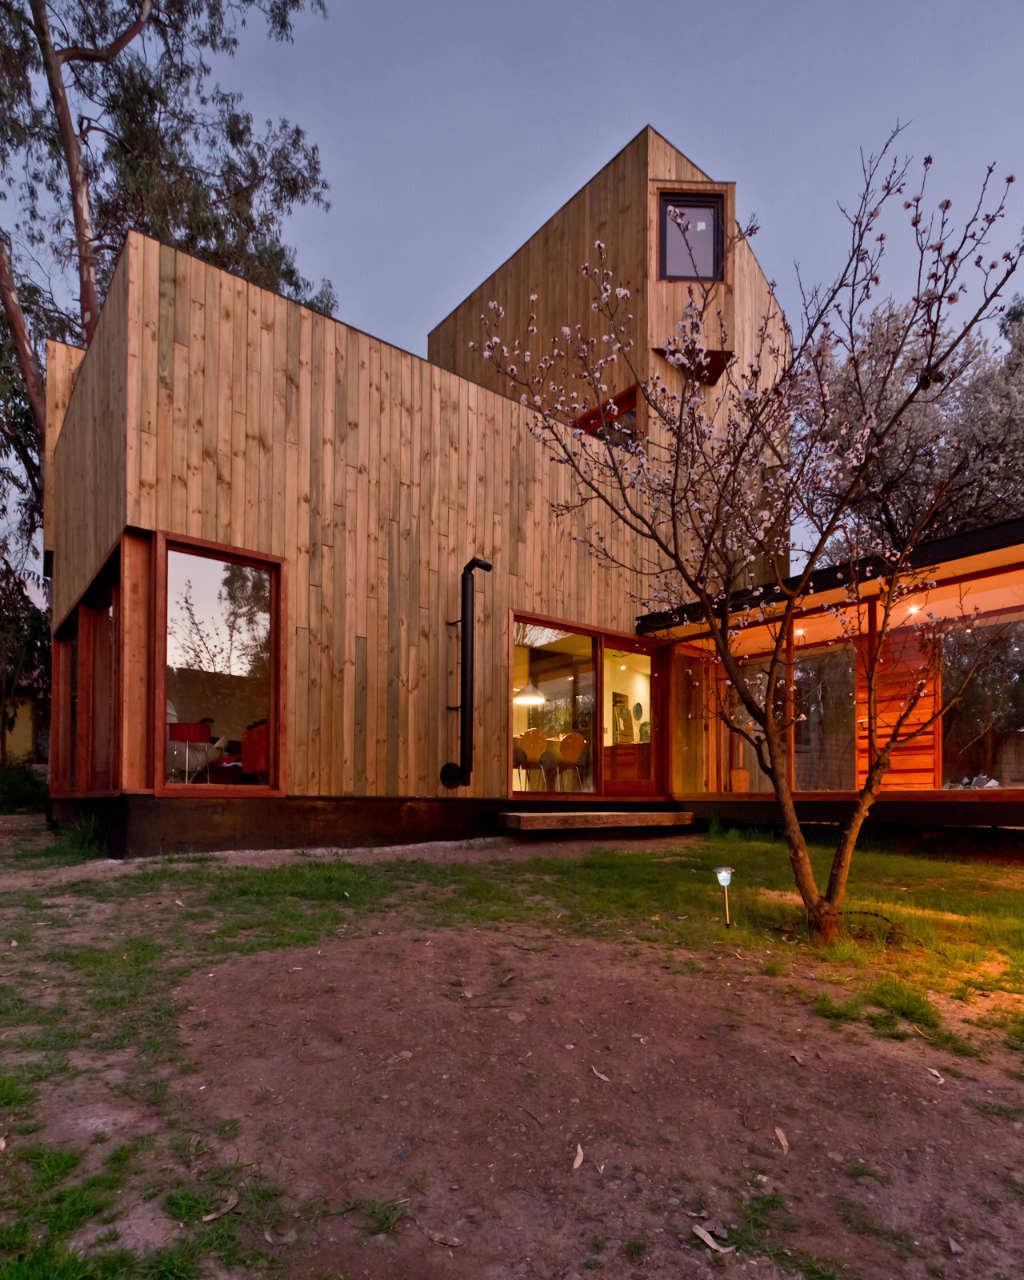 La Casa de Alejo / Ida Pilar Silva Mondselewsky